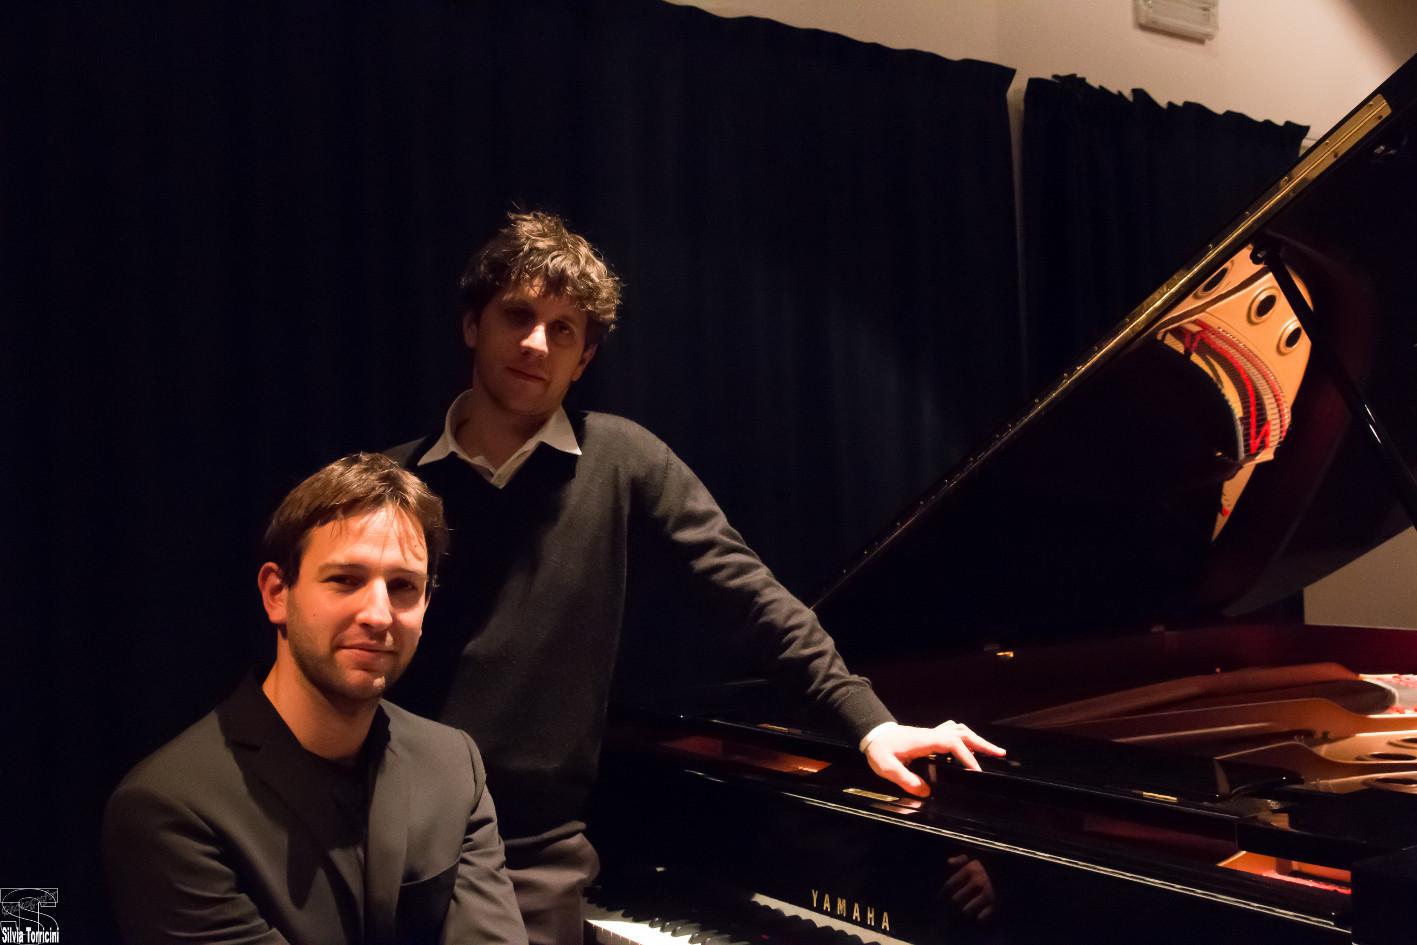 Musicians Giovanni Nesi and Gregorio Moppi